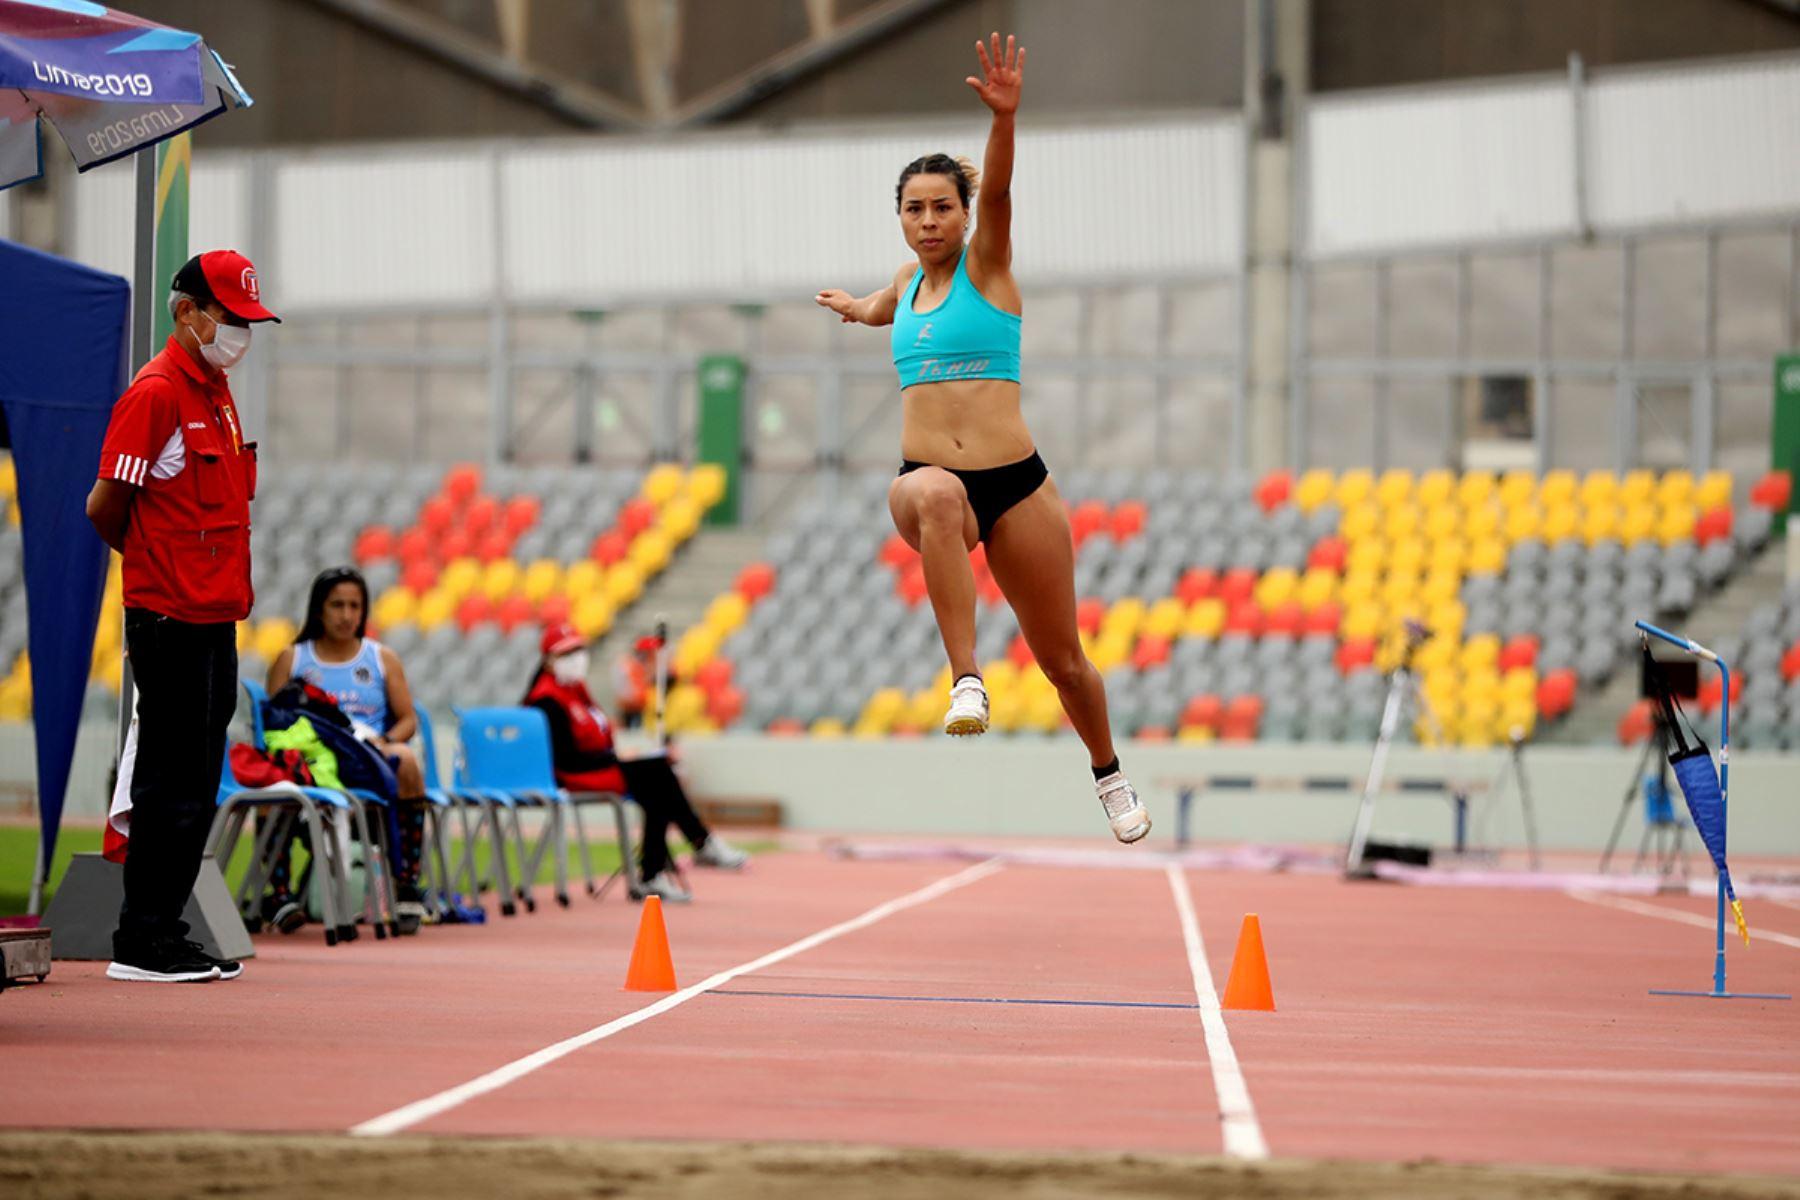 atletismo-300-atletas-podran-entrenar-en-el-estadio-atletico-de-la-videna